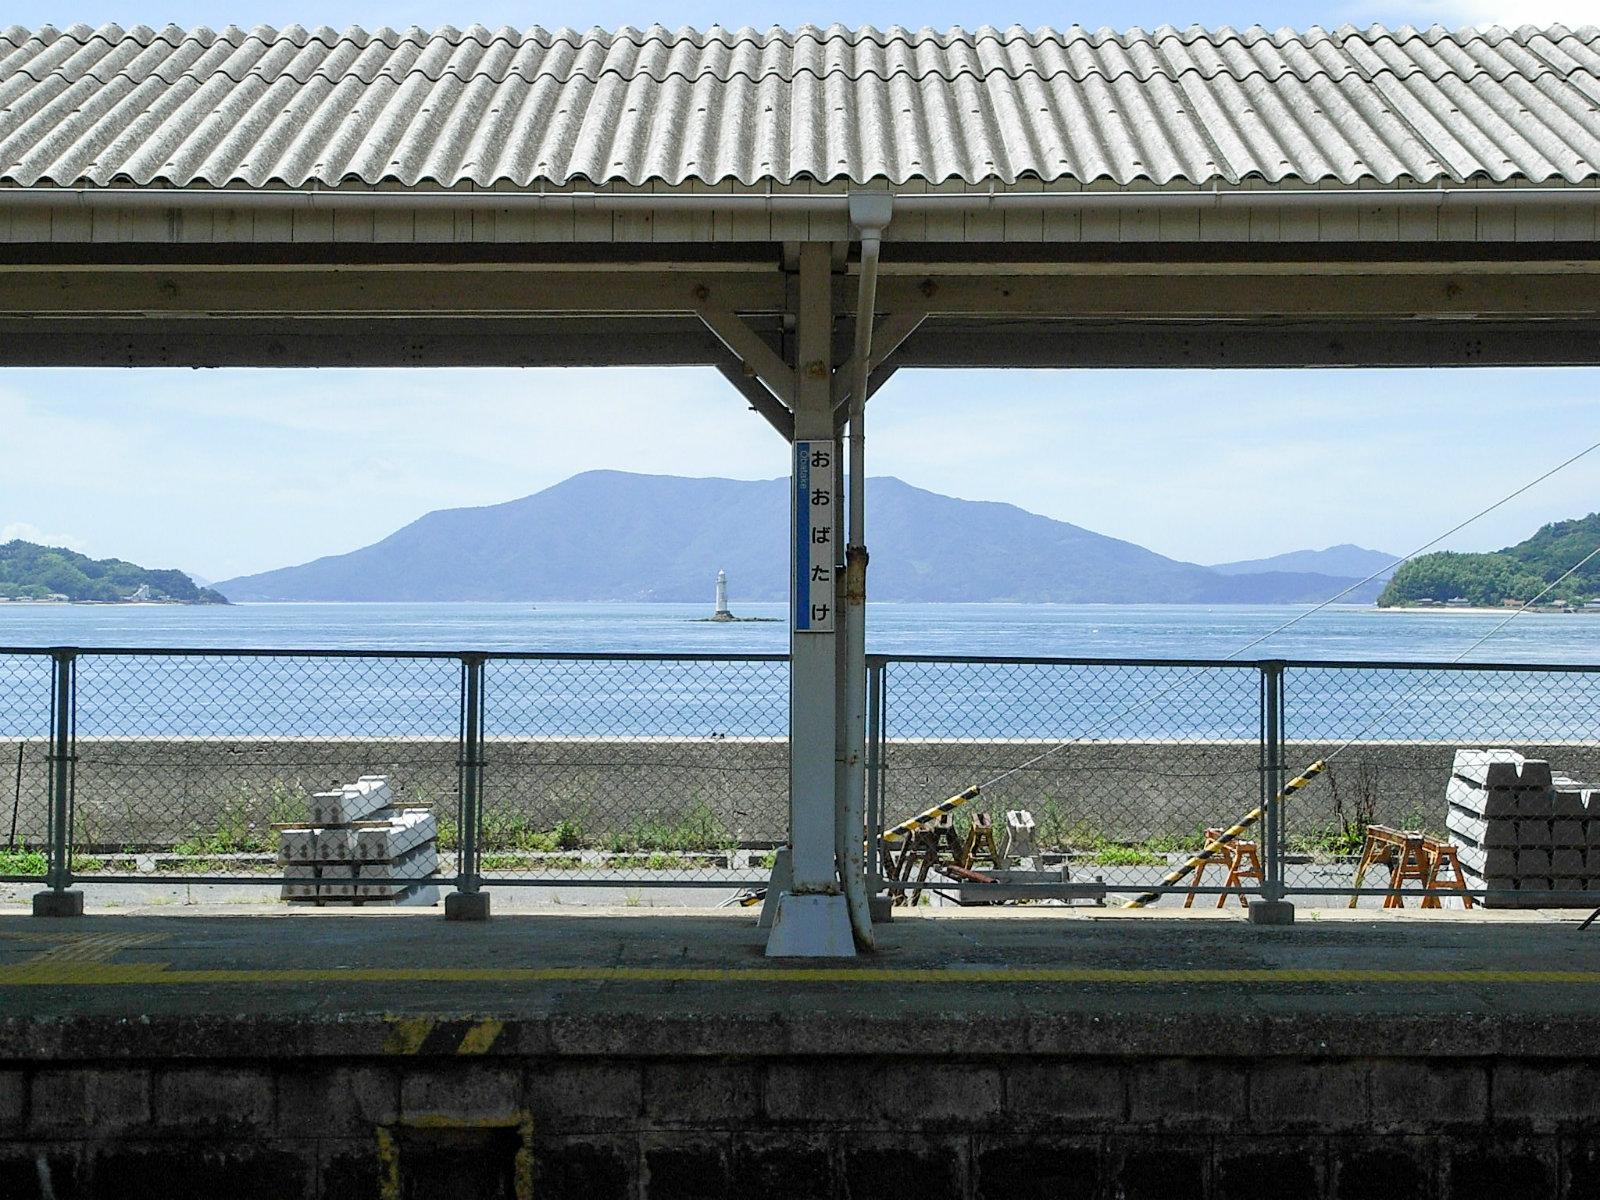 屋根があっても十分絵になる眺め。灯台が素敵な場所にあります。(2007年8月)